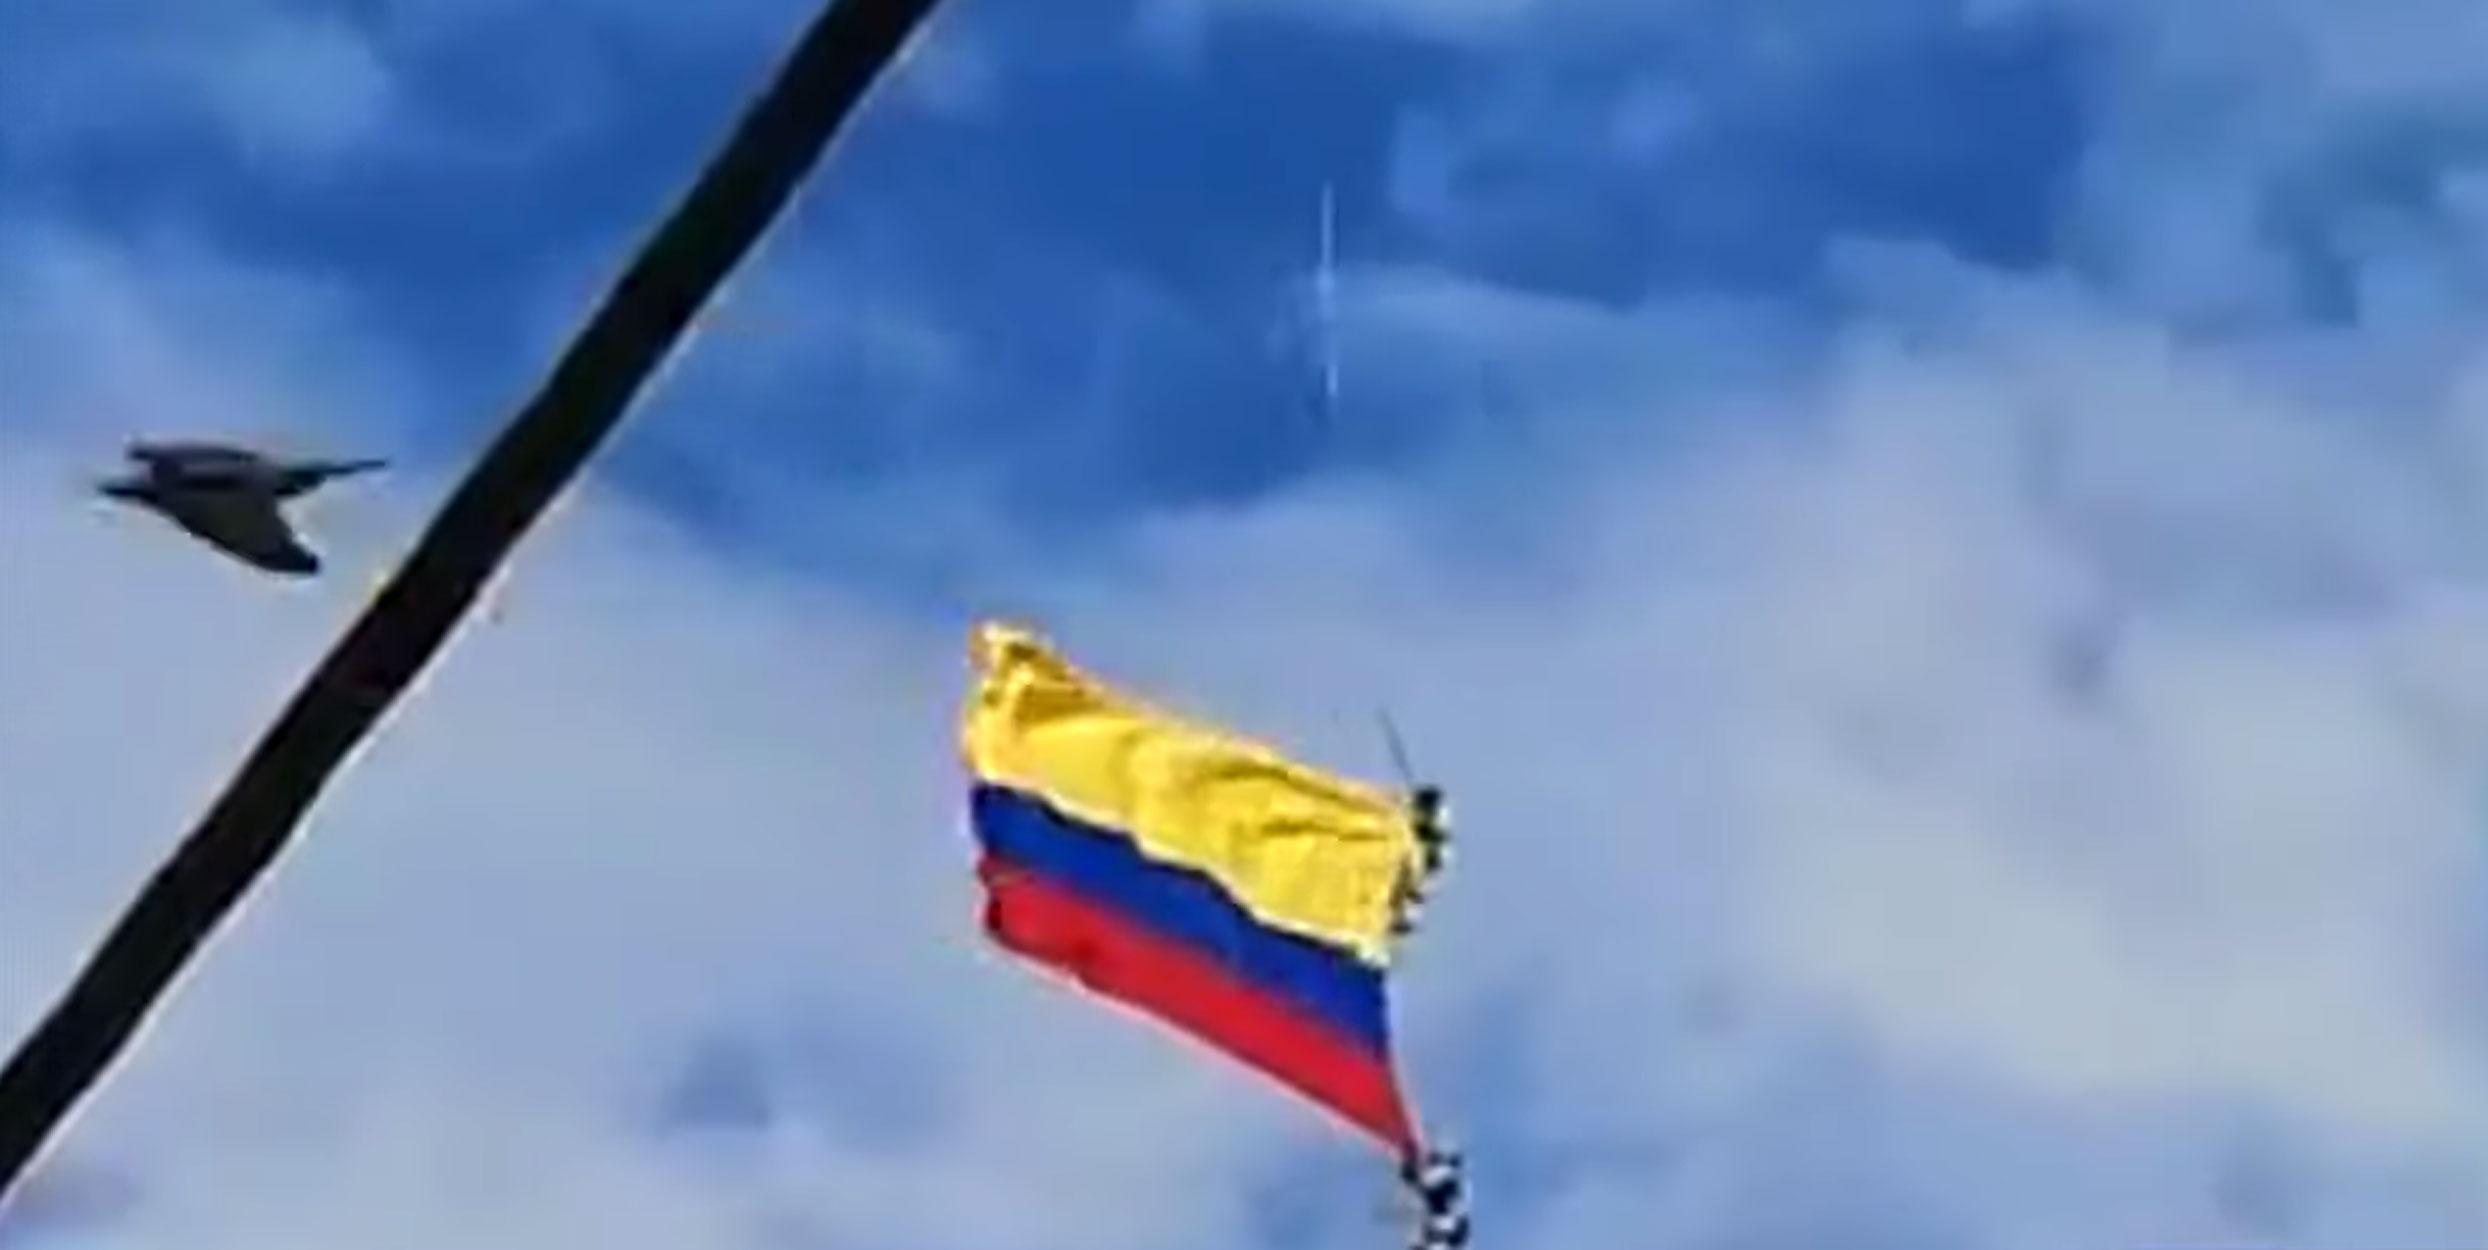 Κολομβία: Video σοκ! Στρατιωτικοί πέφτουν στο κενό ενώ κρέμονταν από ελικόπτερο